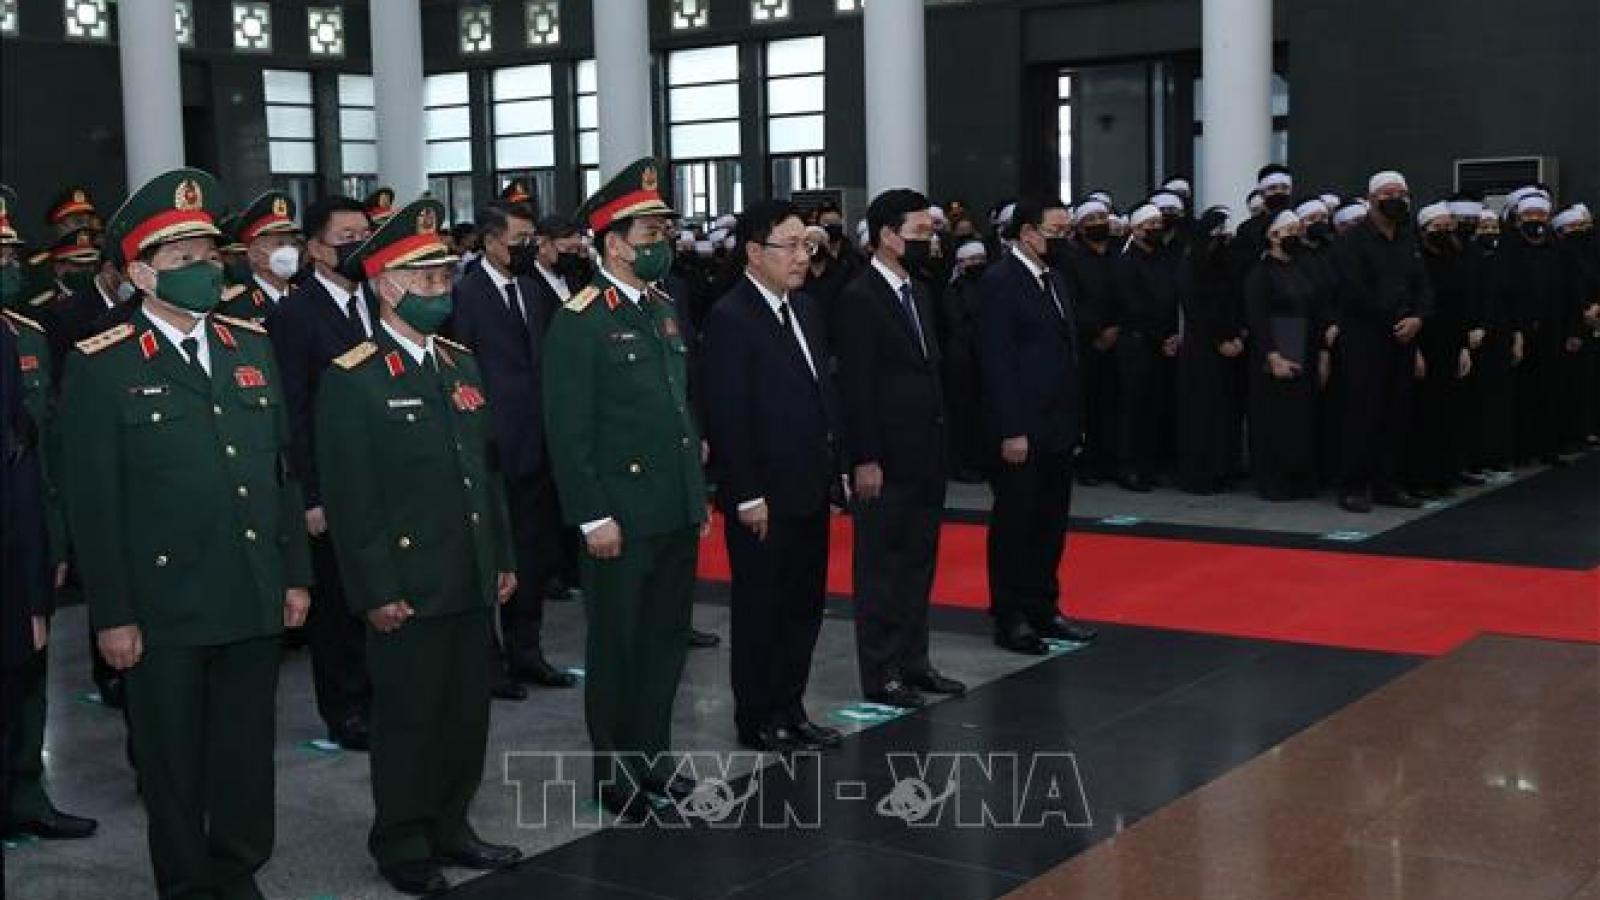 Lời cảm ơn của Ban Lễ tang và gia đình đồng chí Đại tướng Phùng Quang Thanh